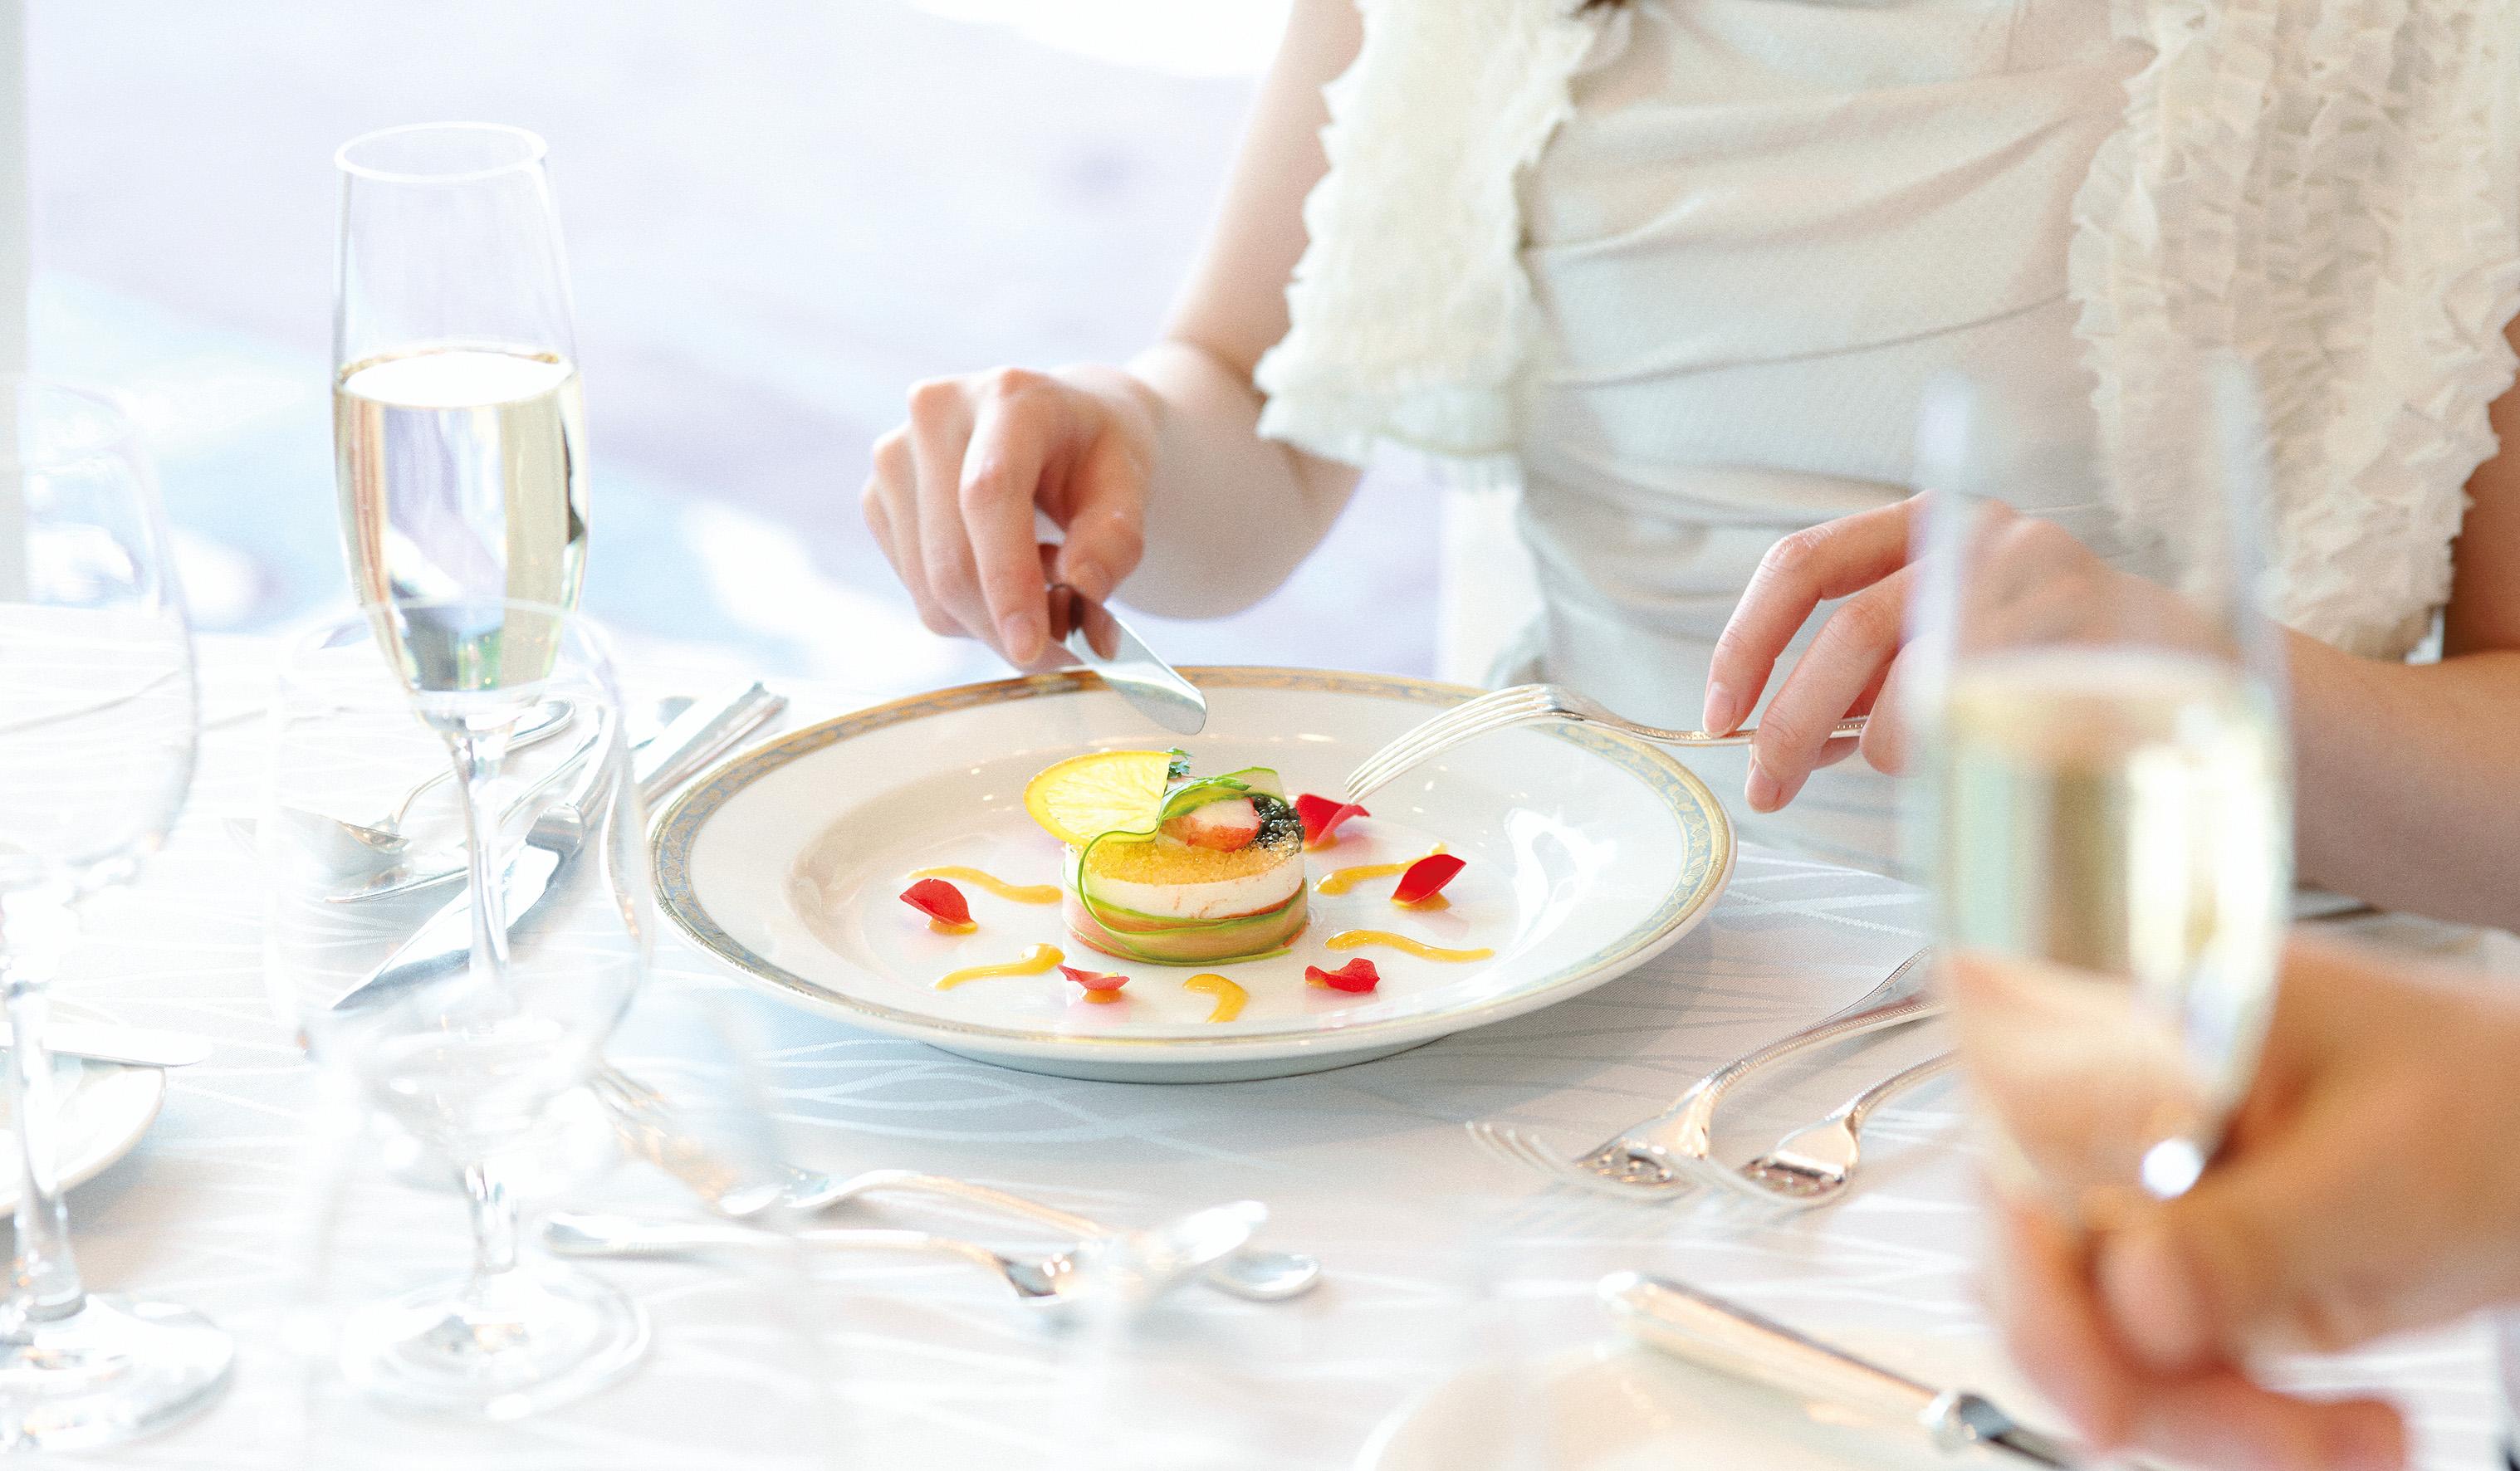 『ホテルニューオータニ』のウエディングプレヴューで、結婚式を体験しちゃう?_2